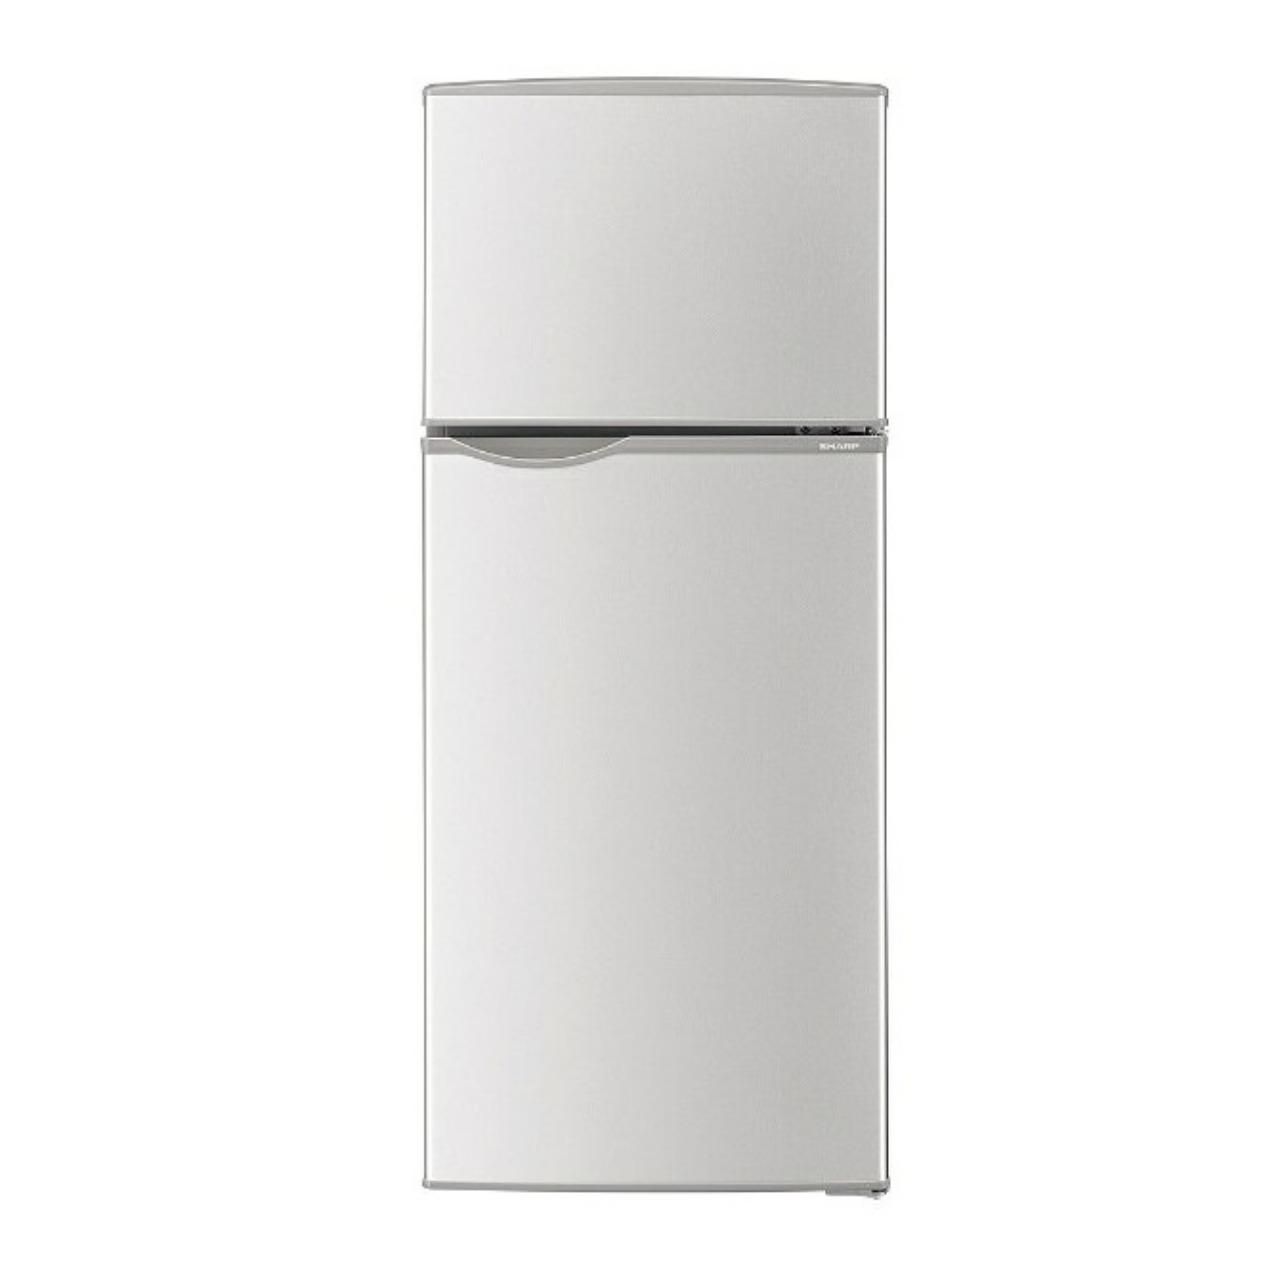 シャープSJ-H12Y冷蔵庫